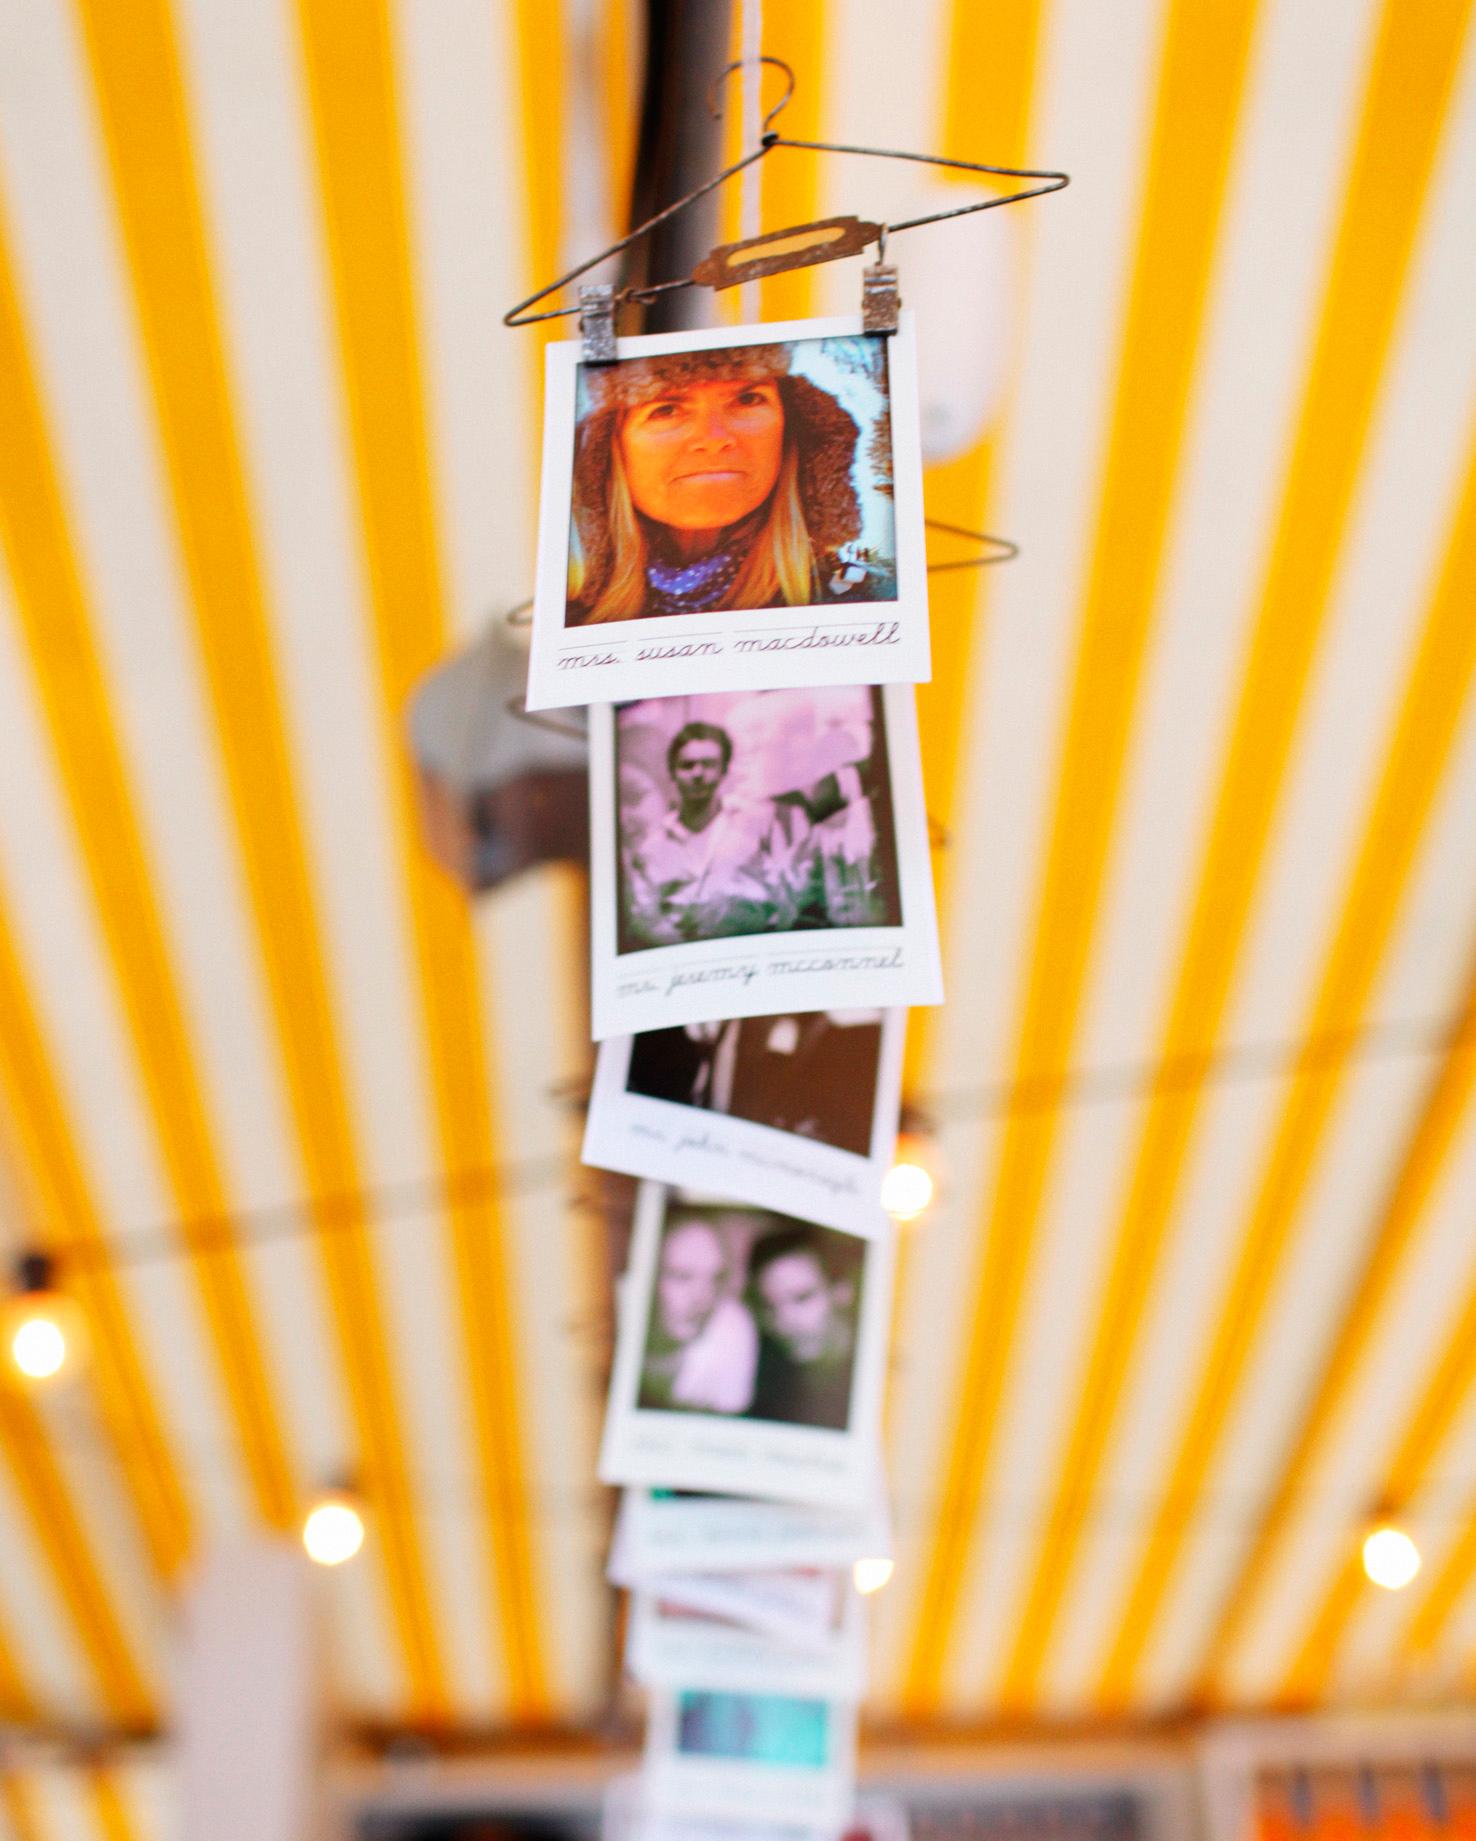 include-guests-display-photos-sam-ian-rw1209-0715.jpg